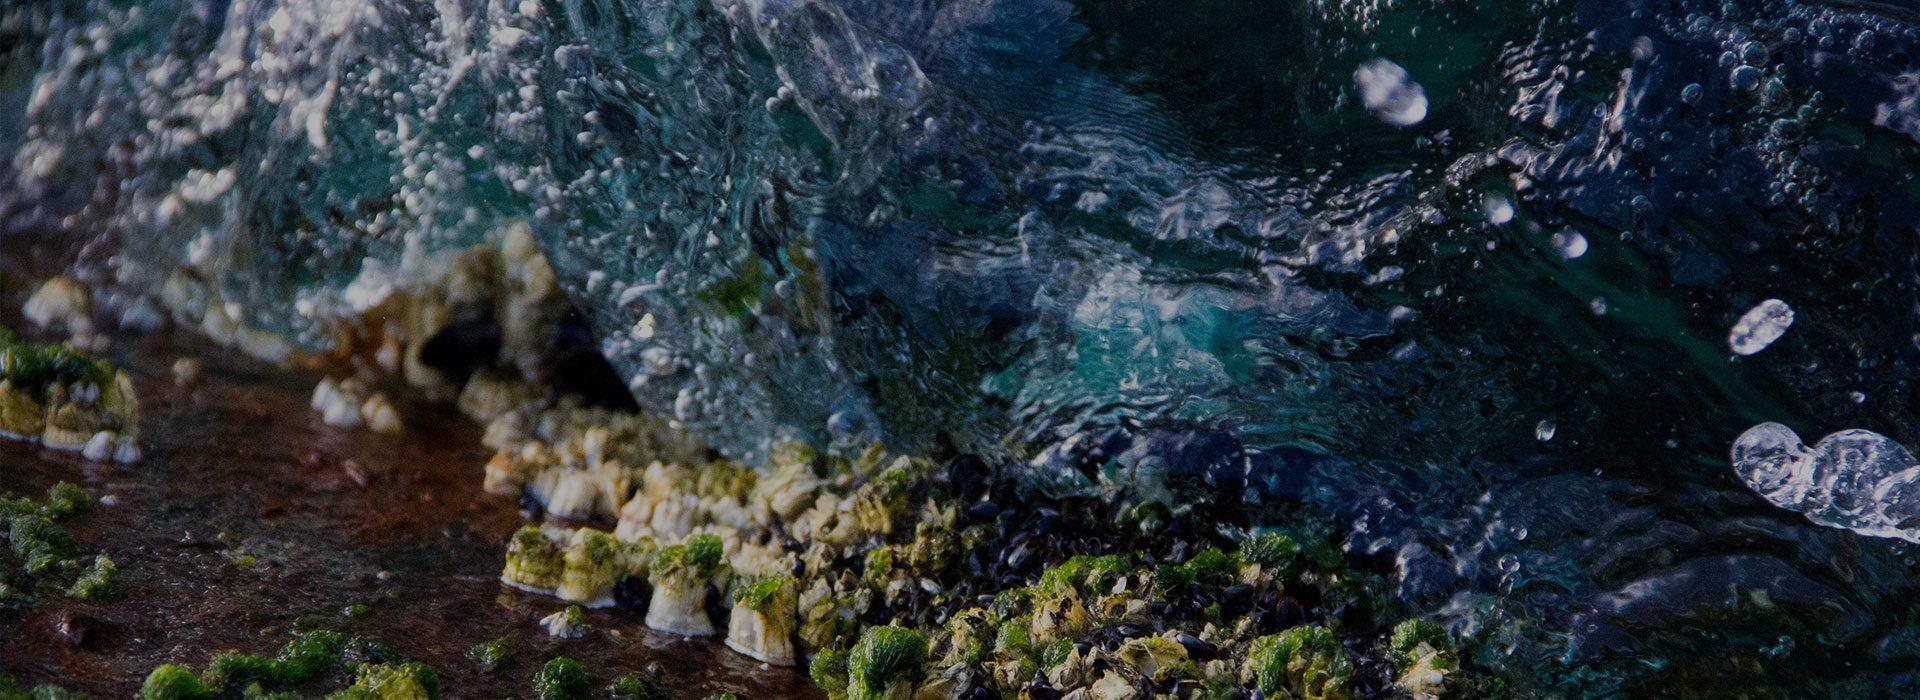 Ocean Citizen Science